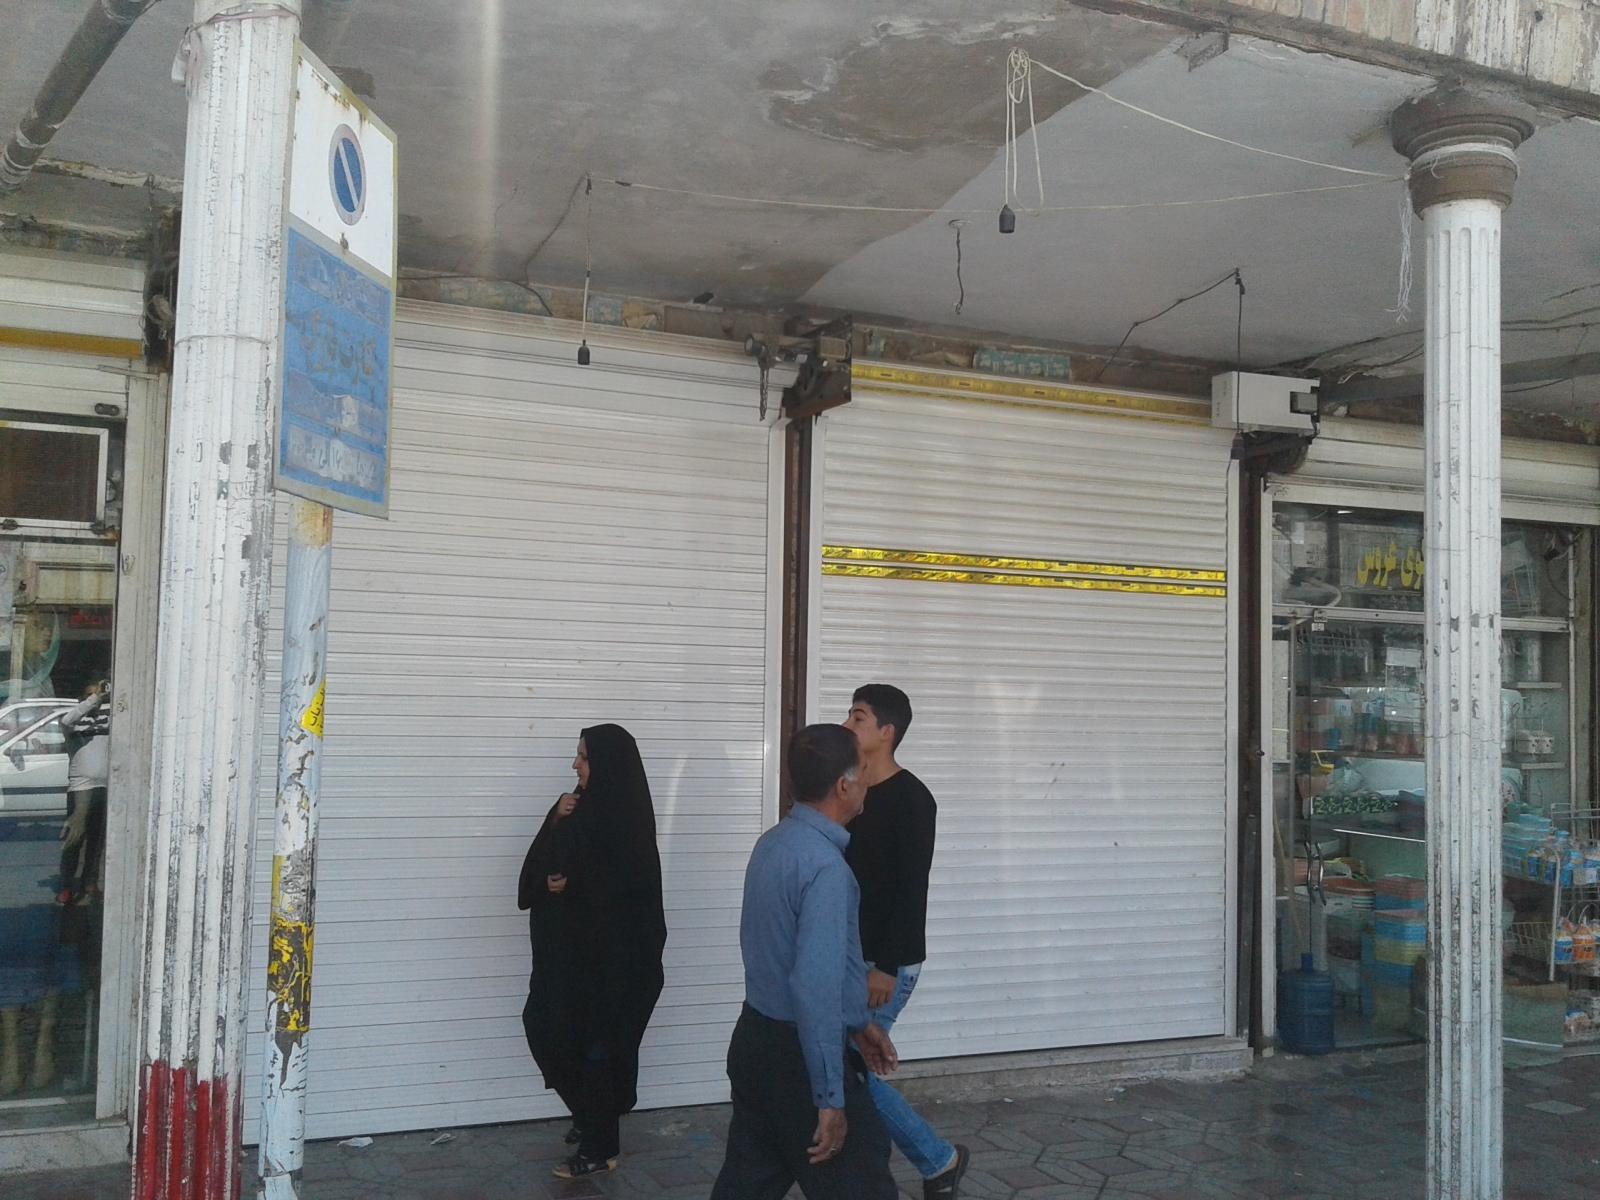 مغازه داران گچساران، کرکره ها را پائین کشیدند